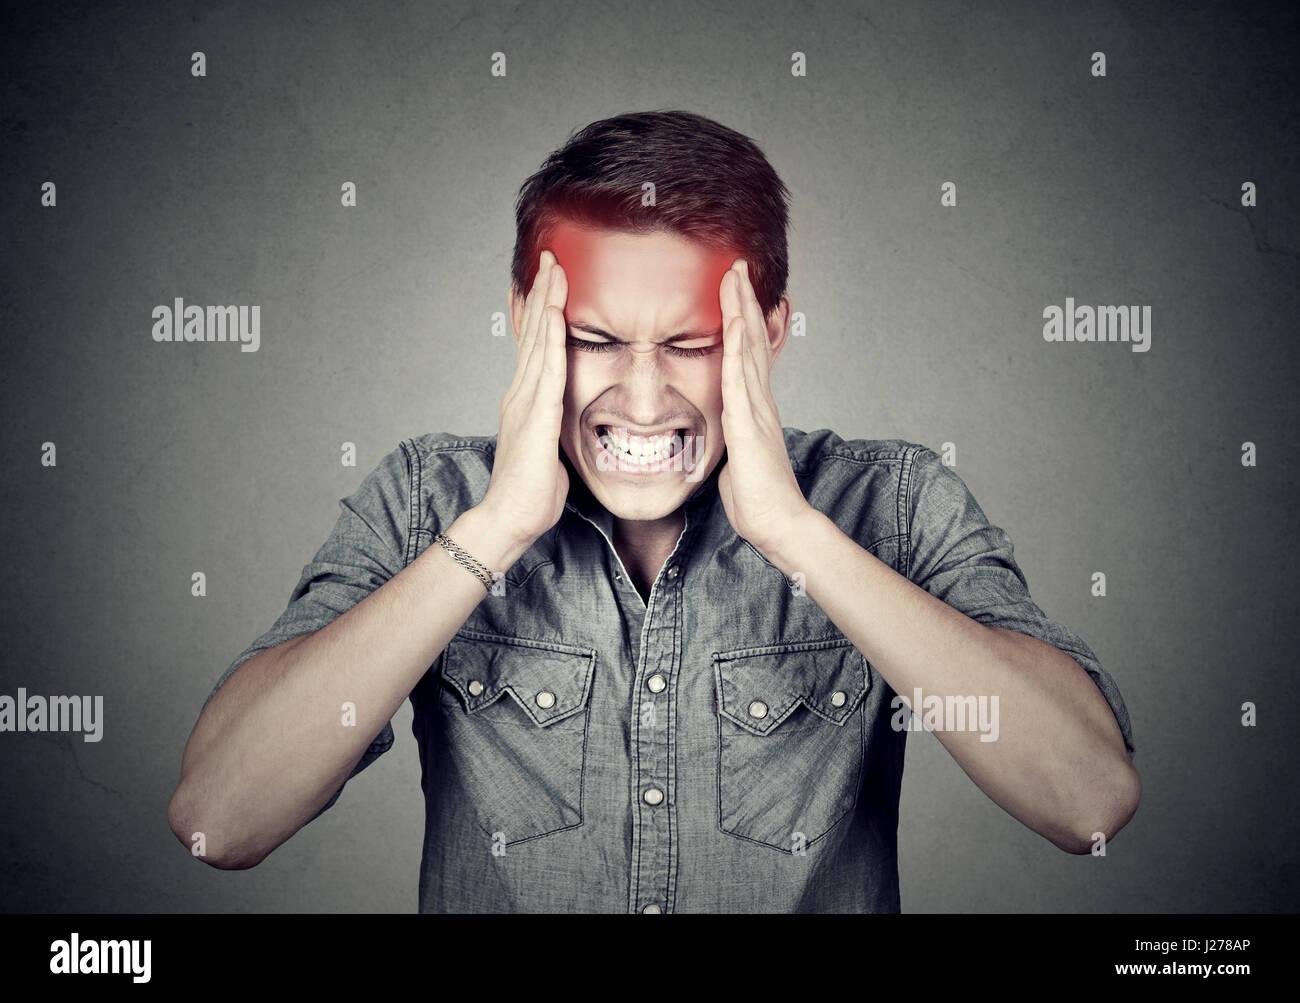 L'homme a souligné avec maux de tête isolé sur fond de mur gris Photo Stock